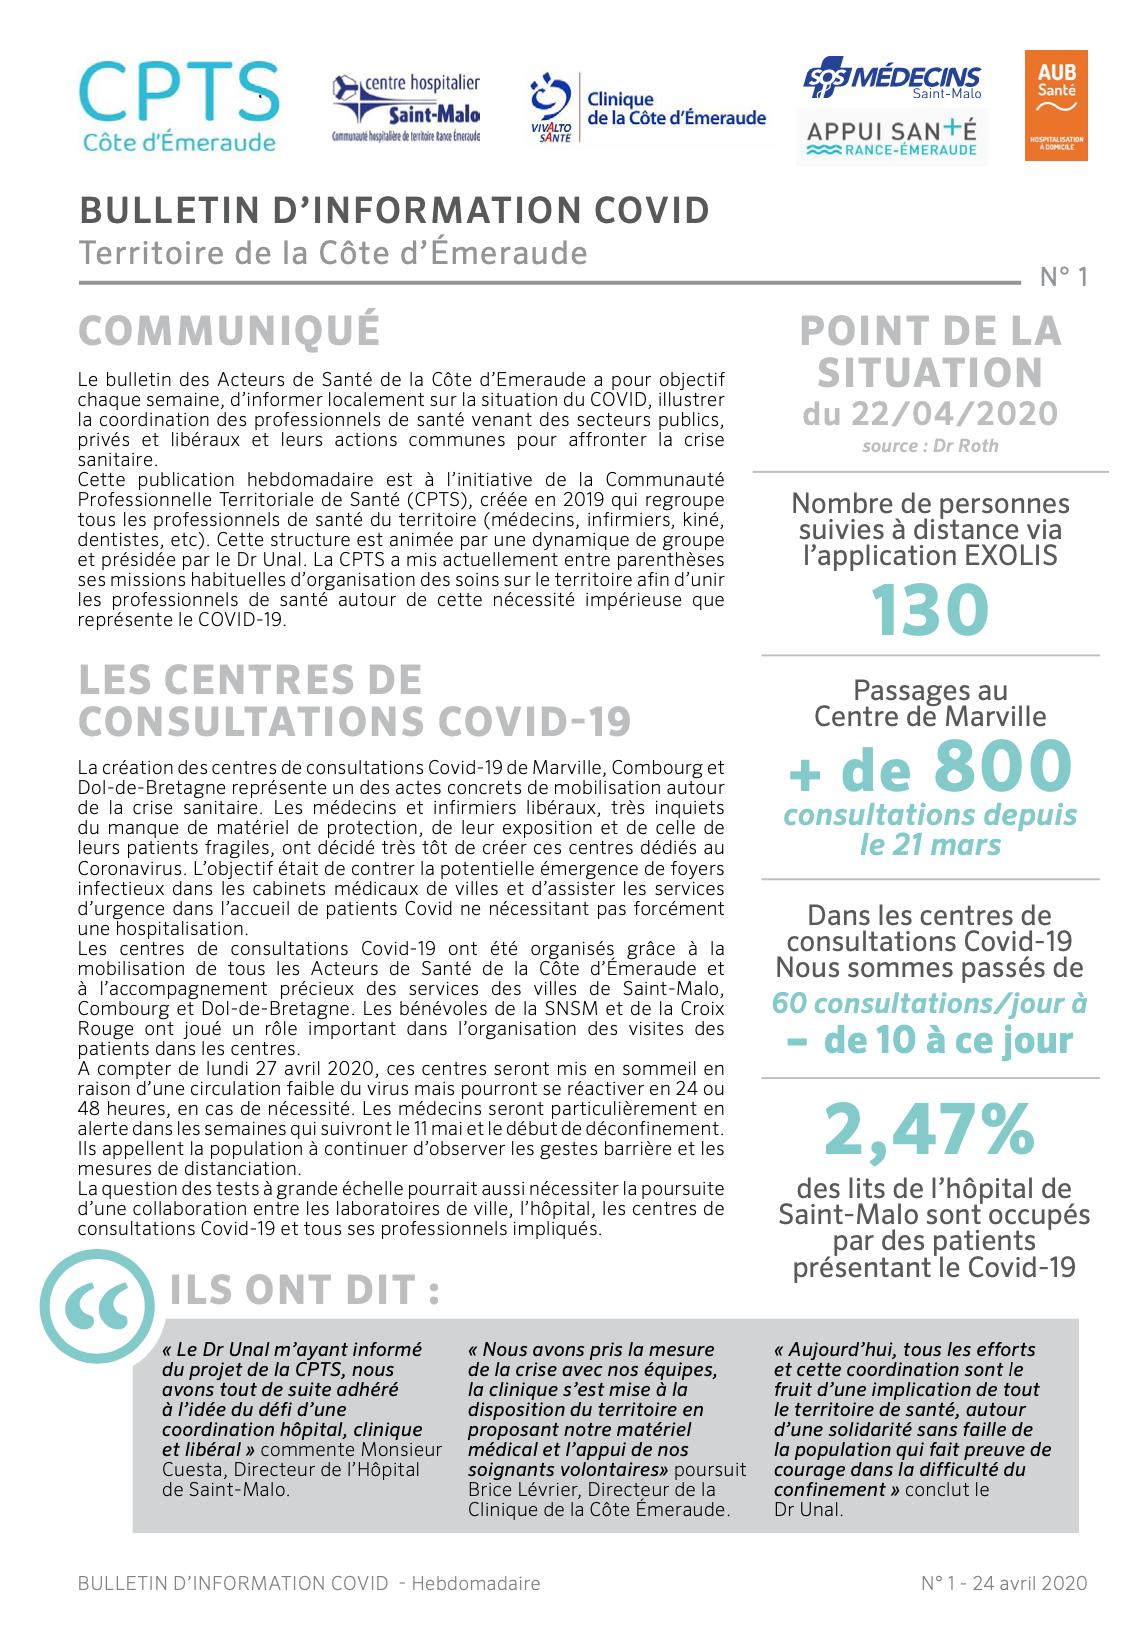 Bulletin d'information COVID sur le territoire de la Côte d'Émeraude